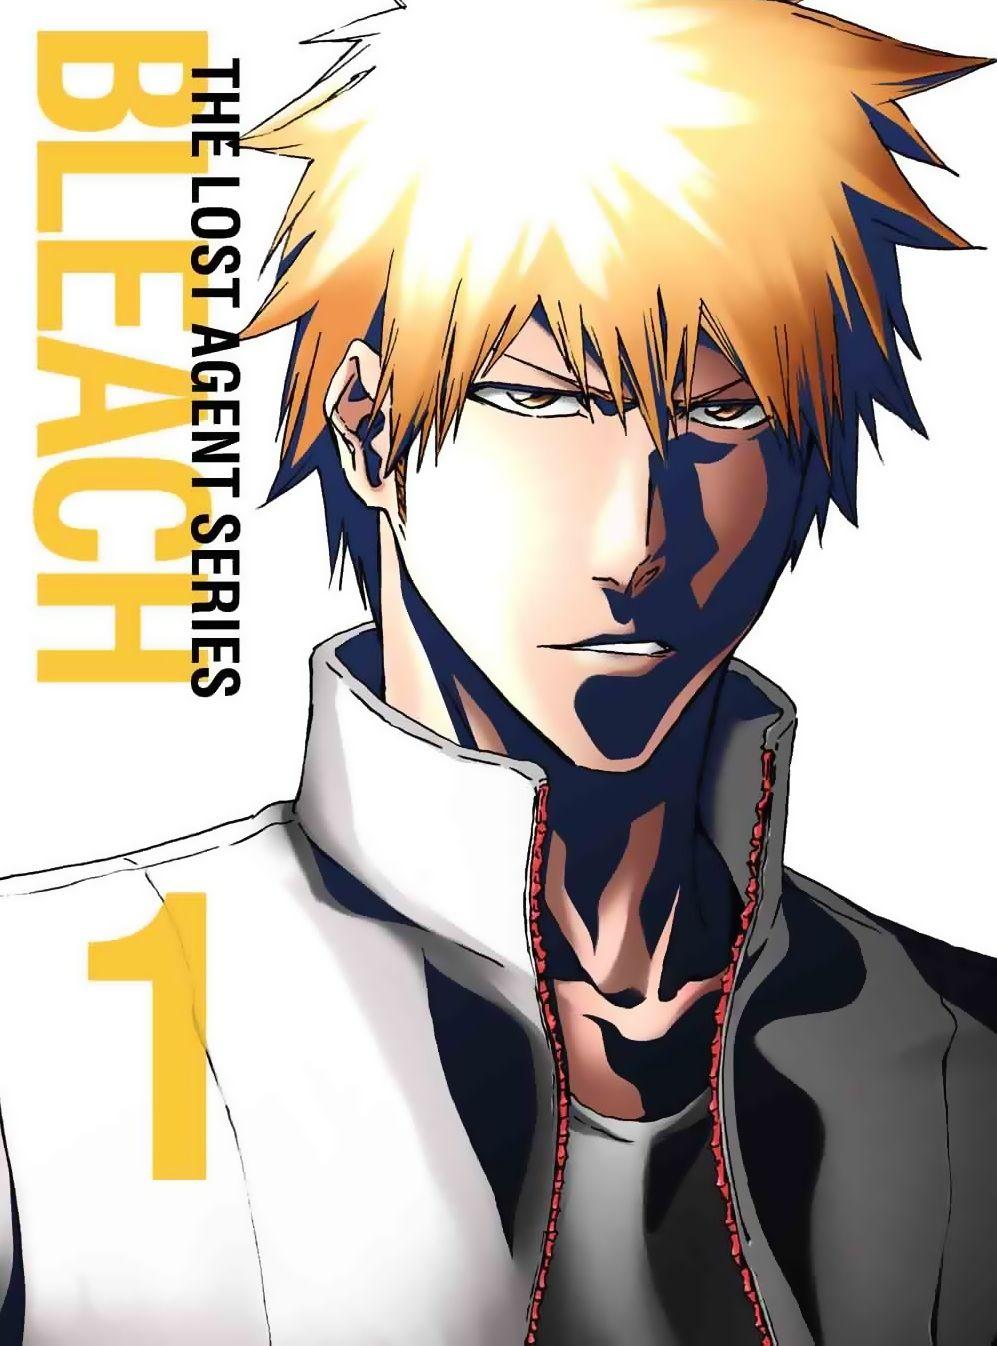 Pin by Ms. Otaku on Bleach Bleach anime, Bleach pictures